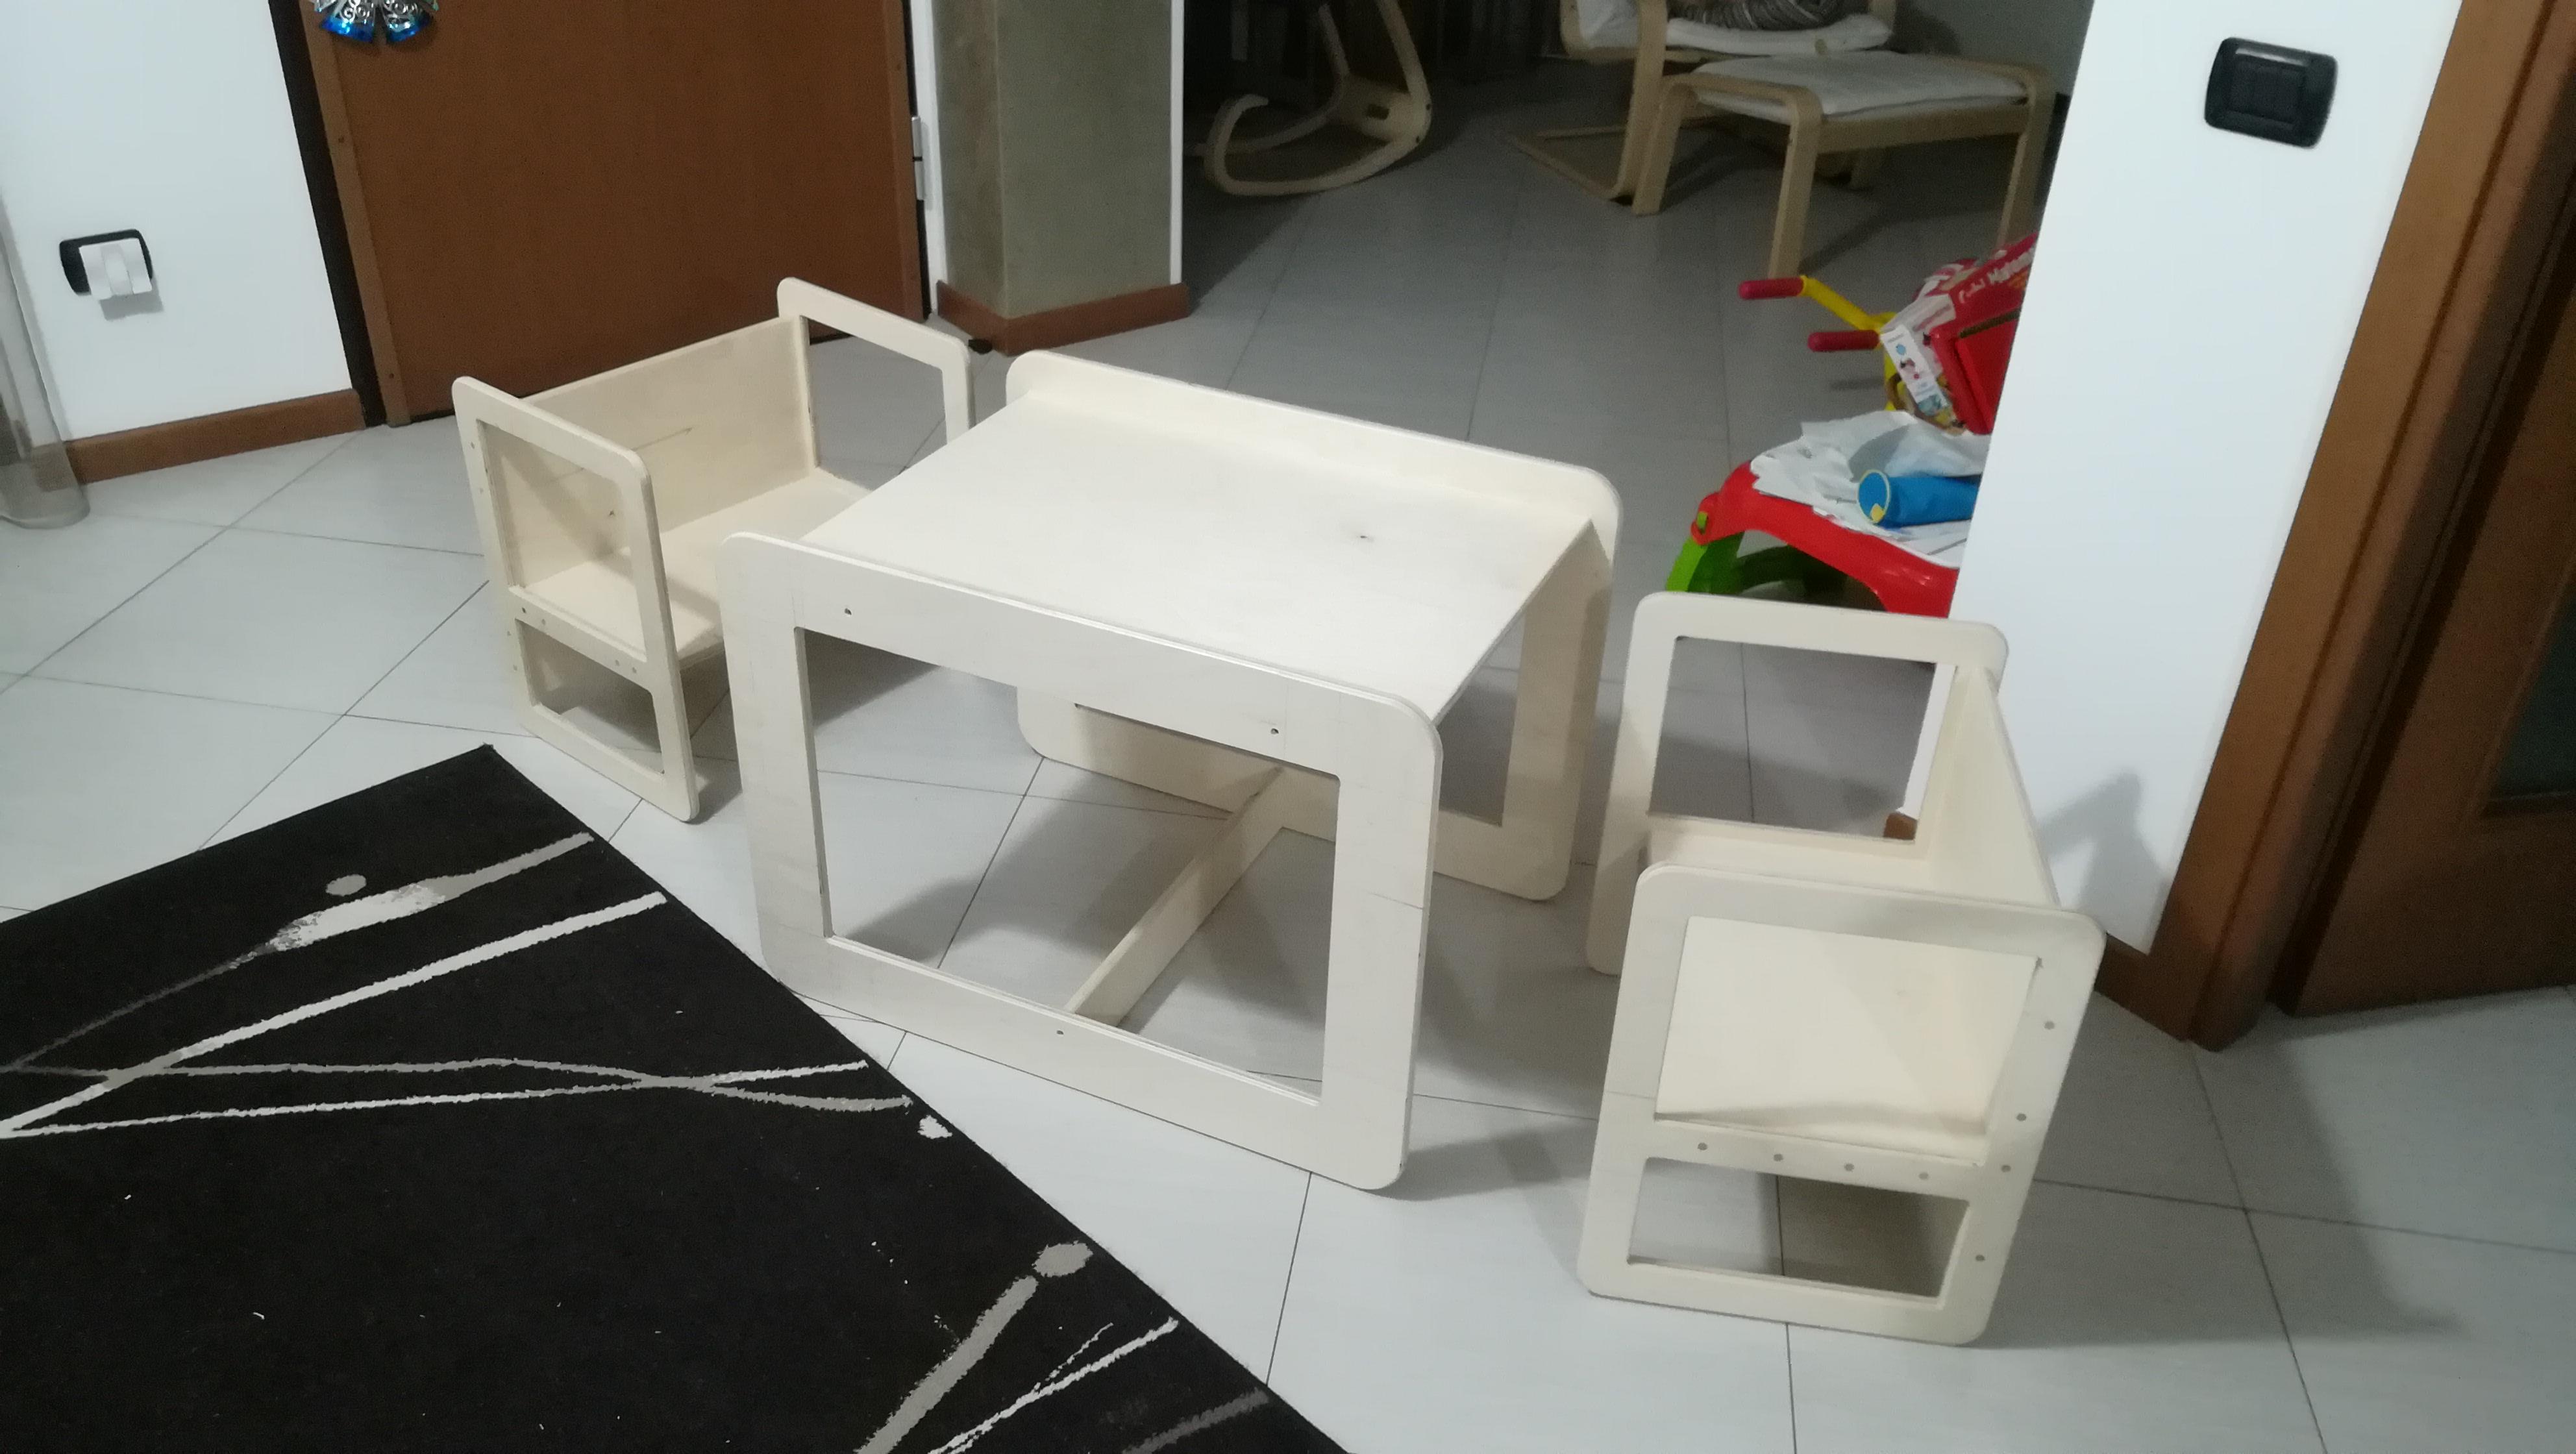 Tavolo e sedie per bambini in stile Montessori - Happy ...